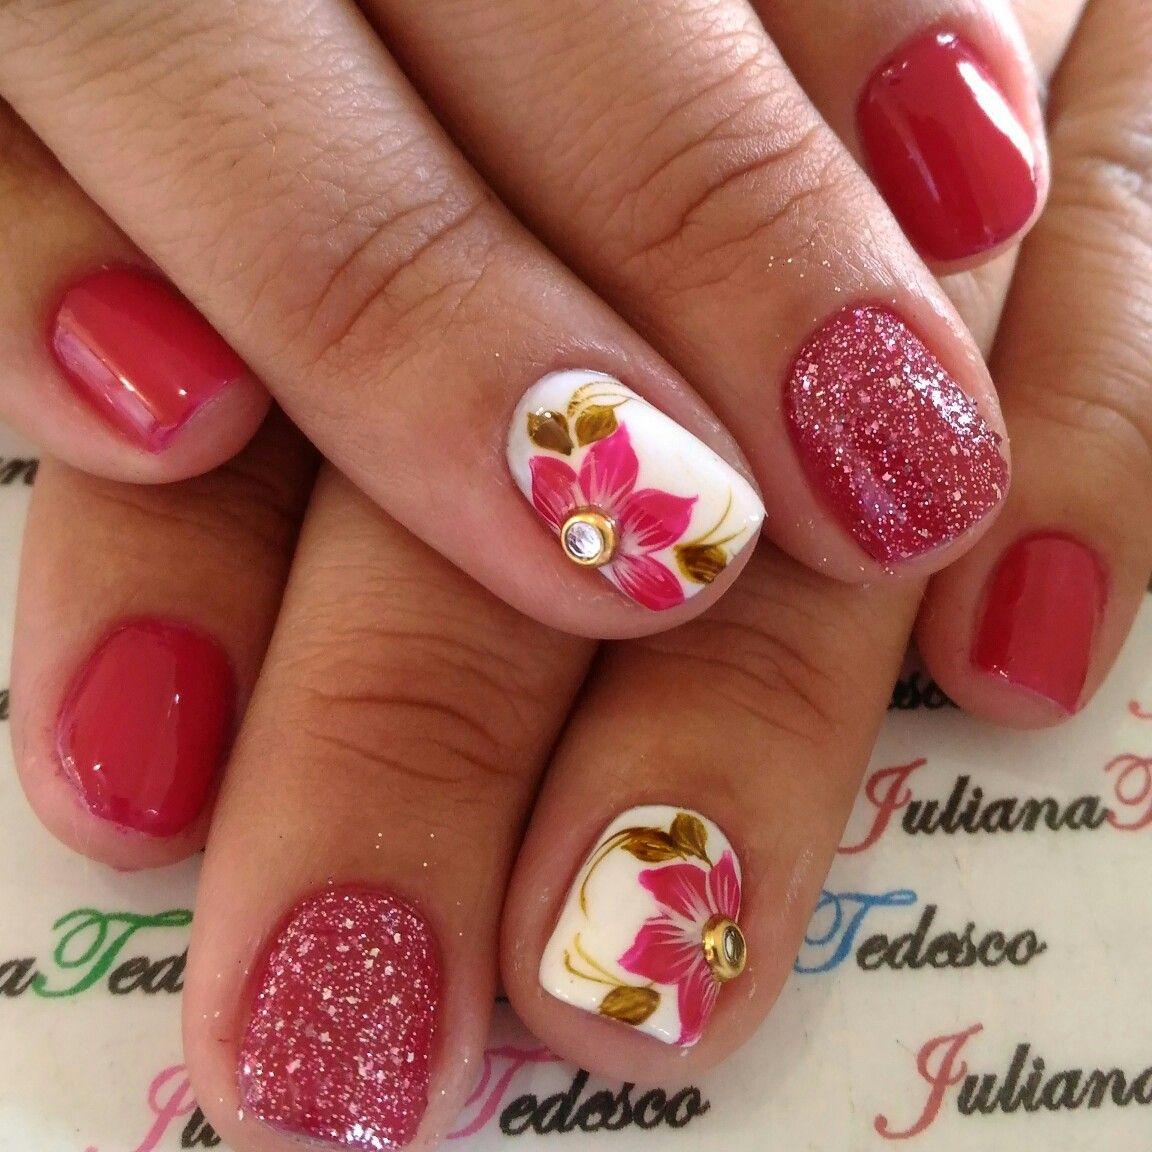 Pin by Juliana Tedesco on unhas de artes | Pinterest | Flower nail ...